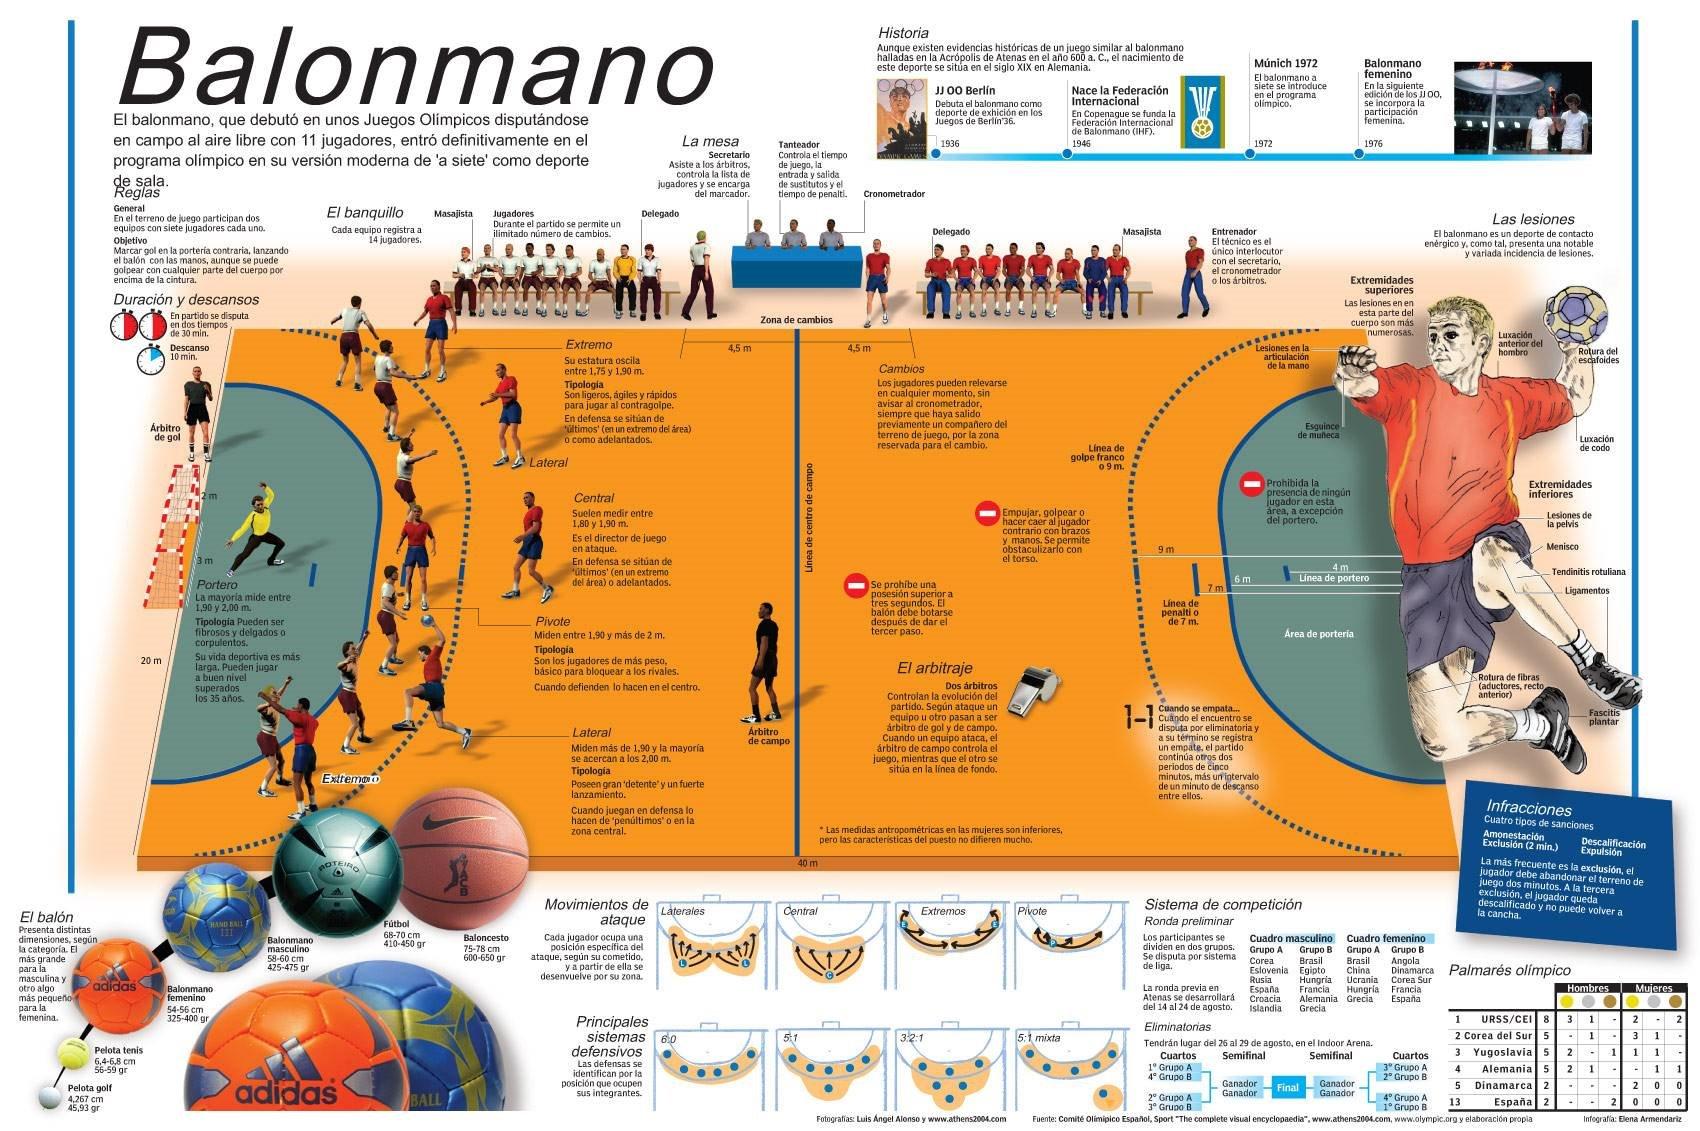 historia-del-balonmano-6